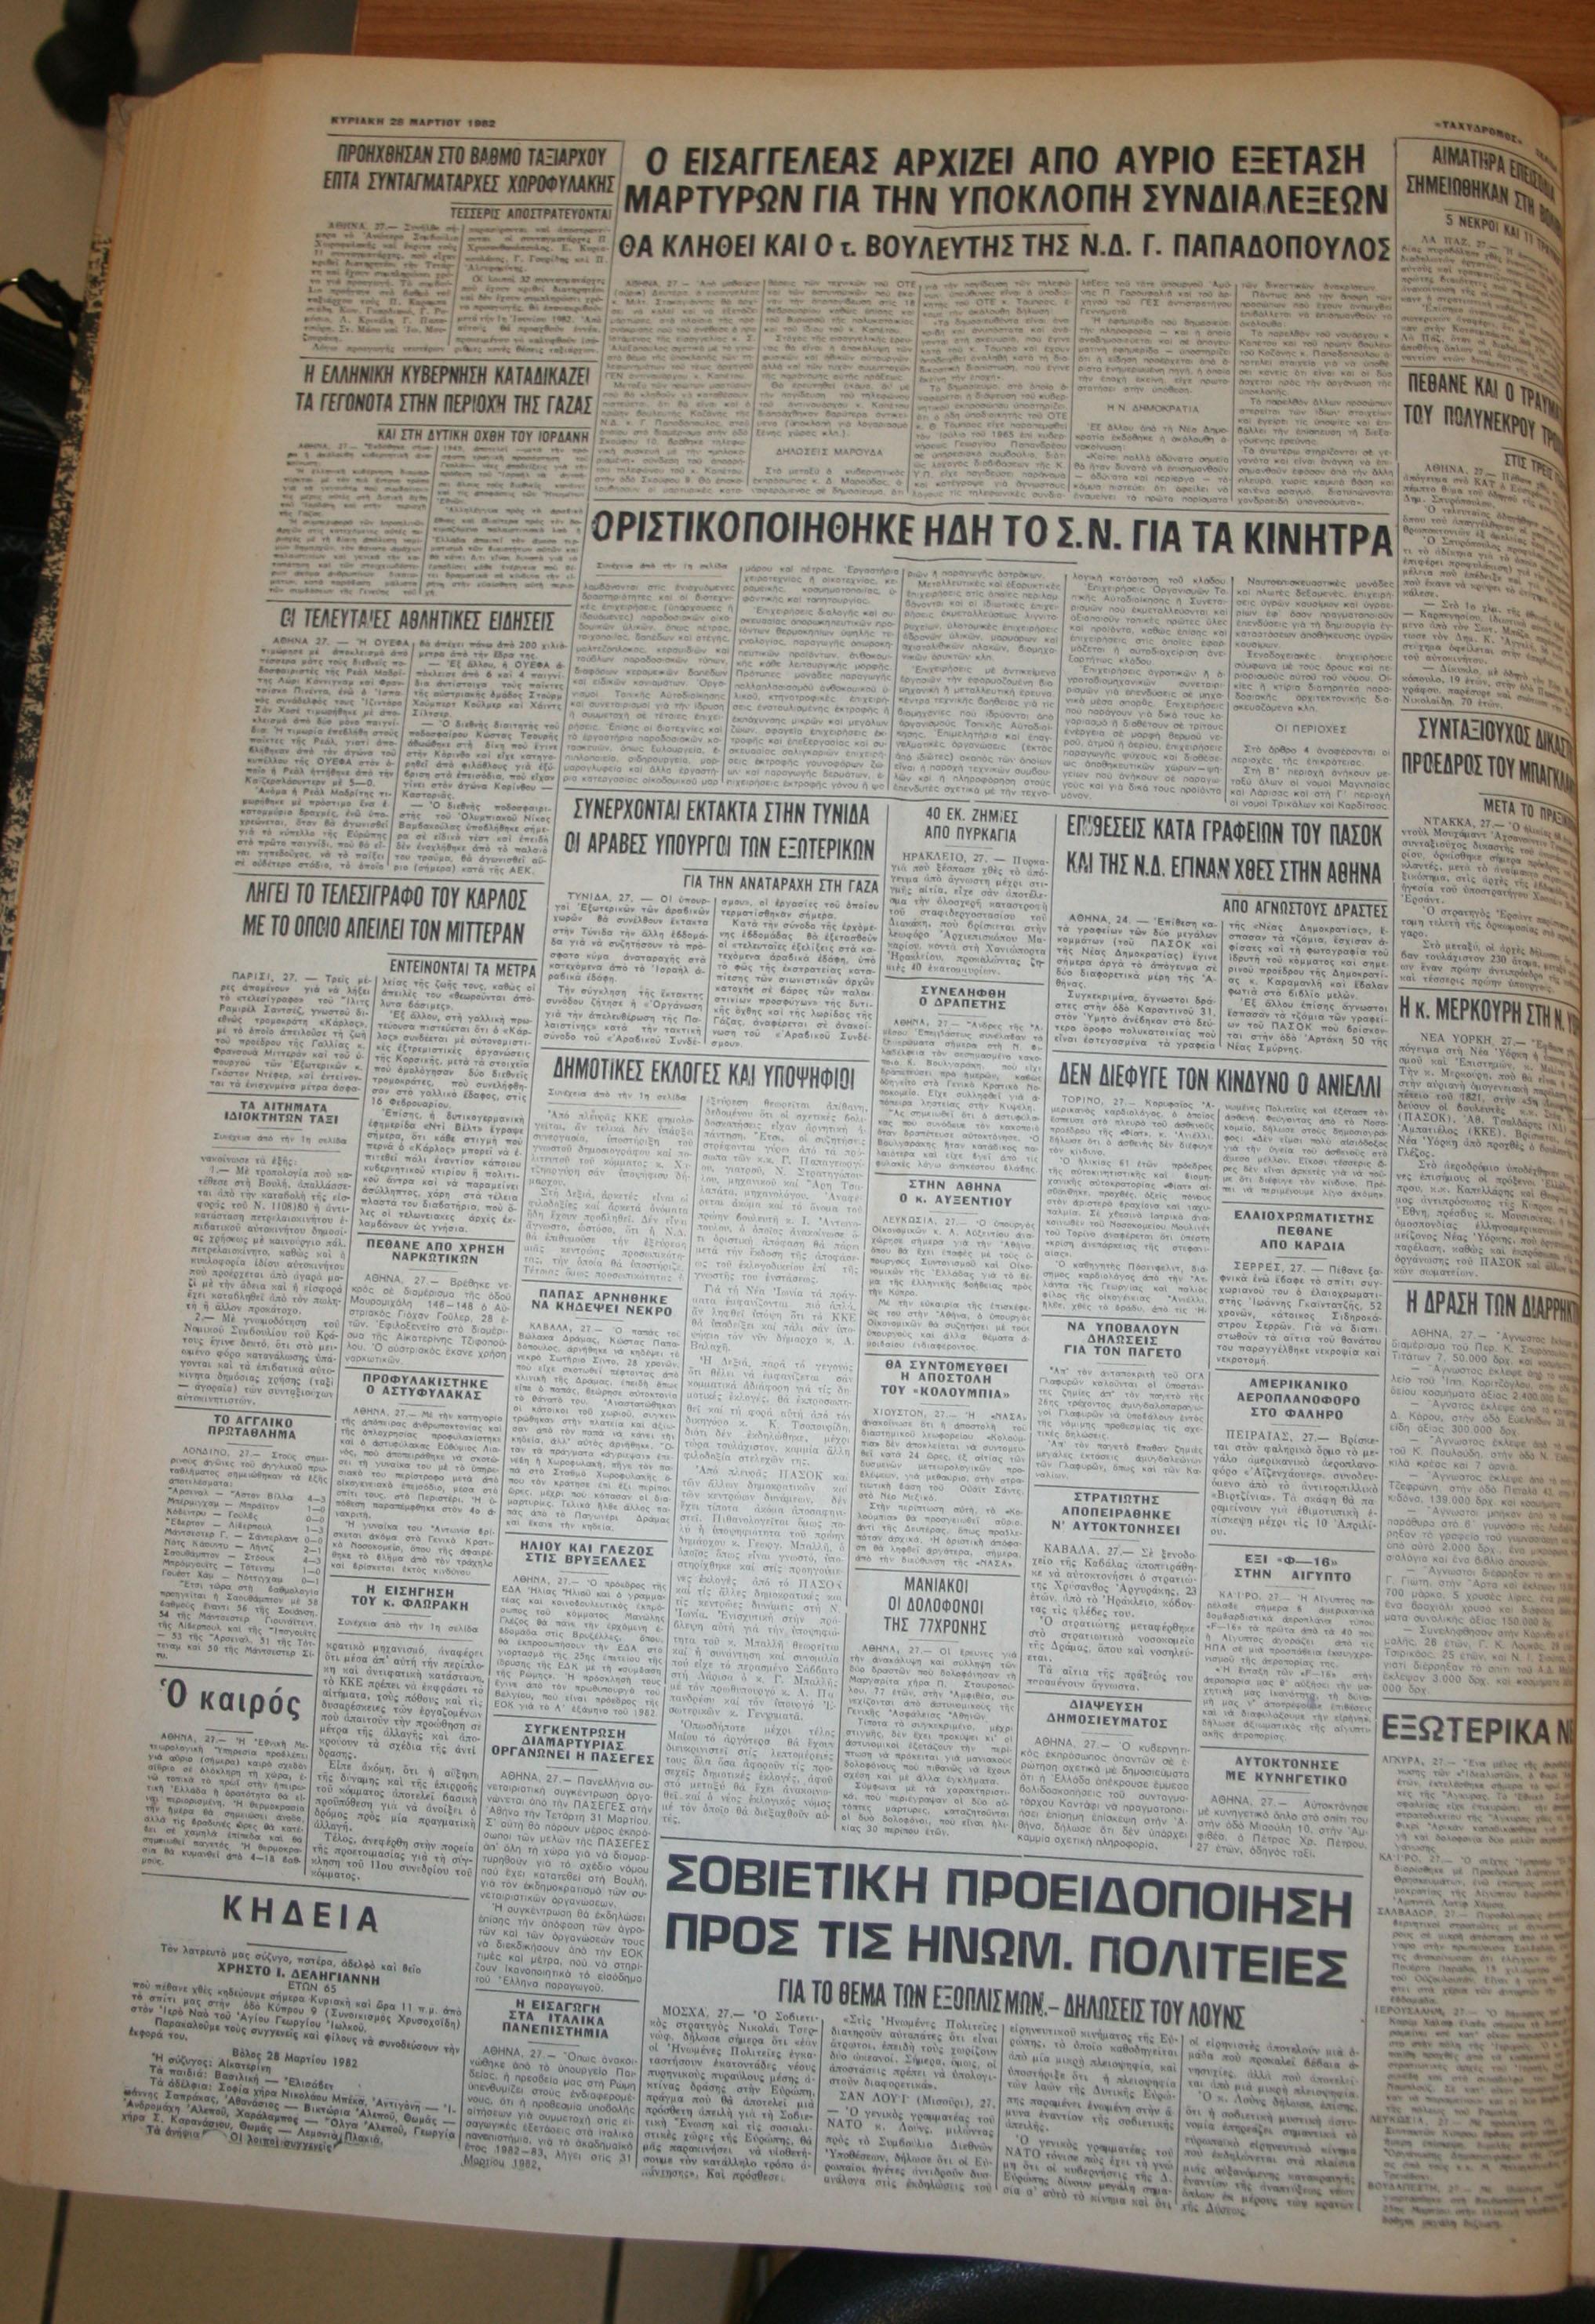 29 Μαρτίου 1982